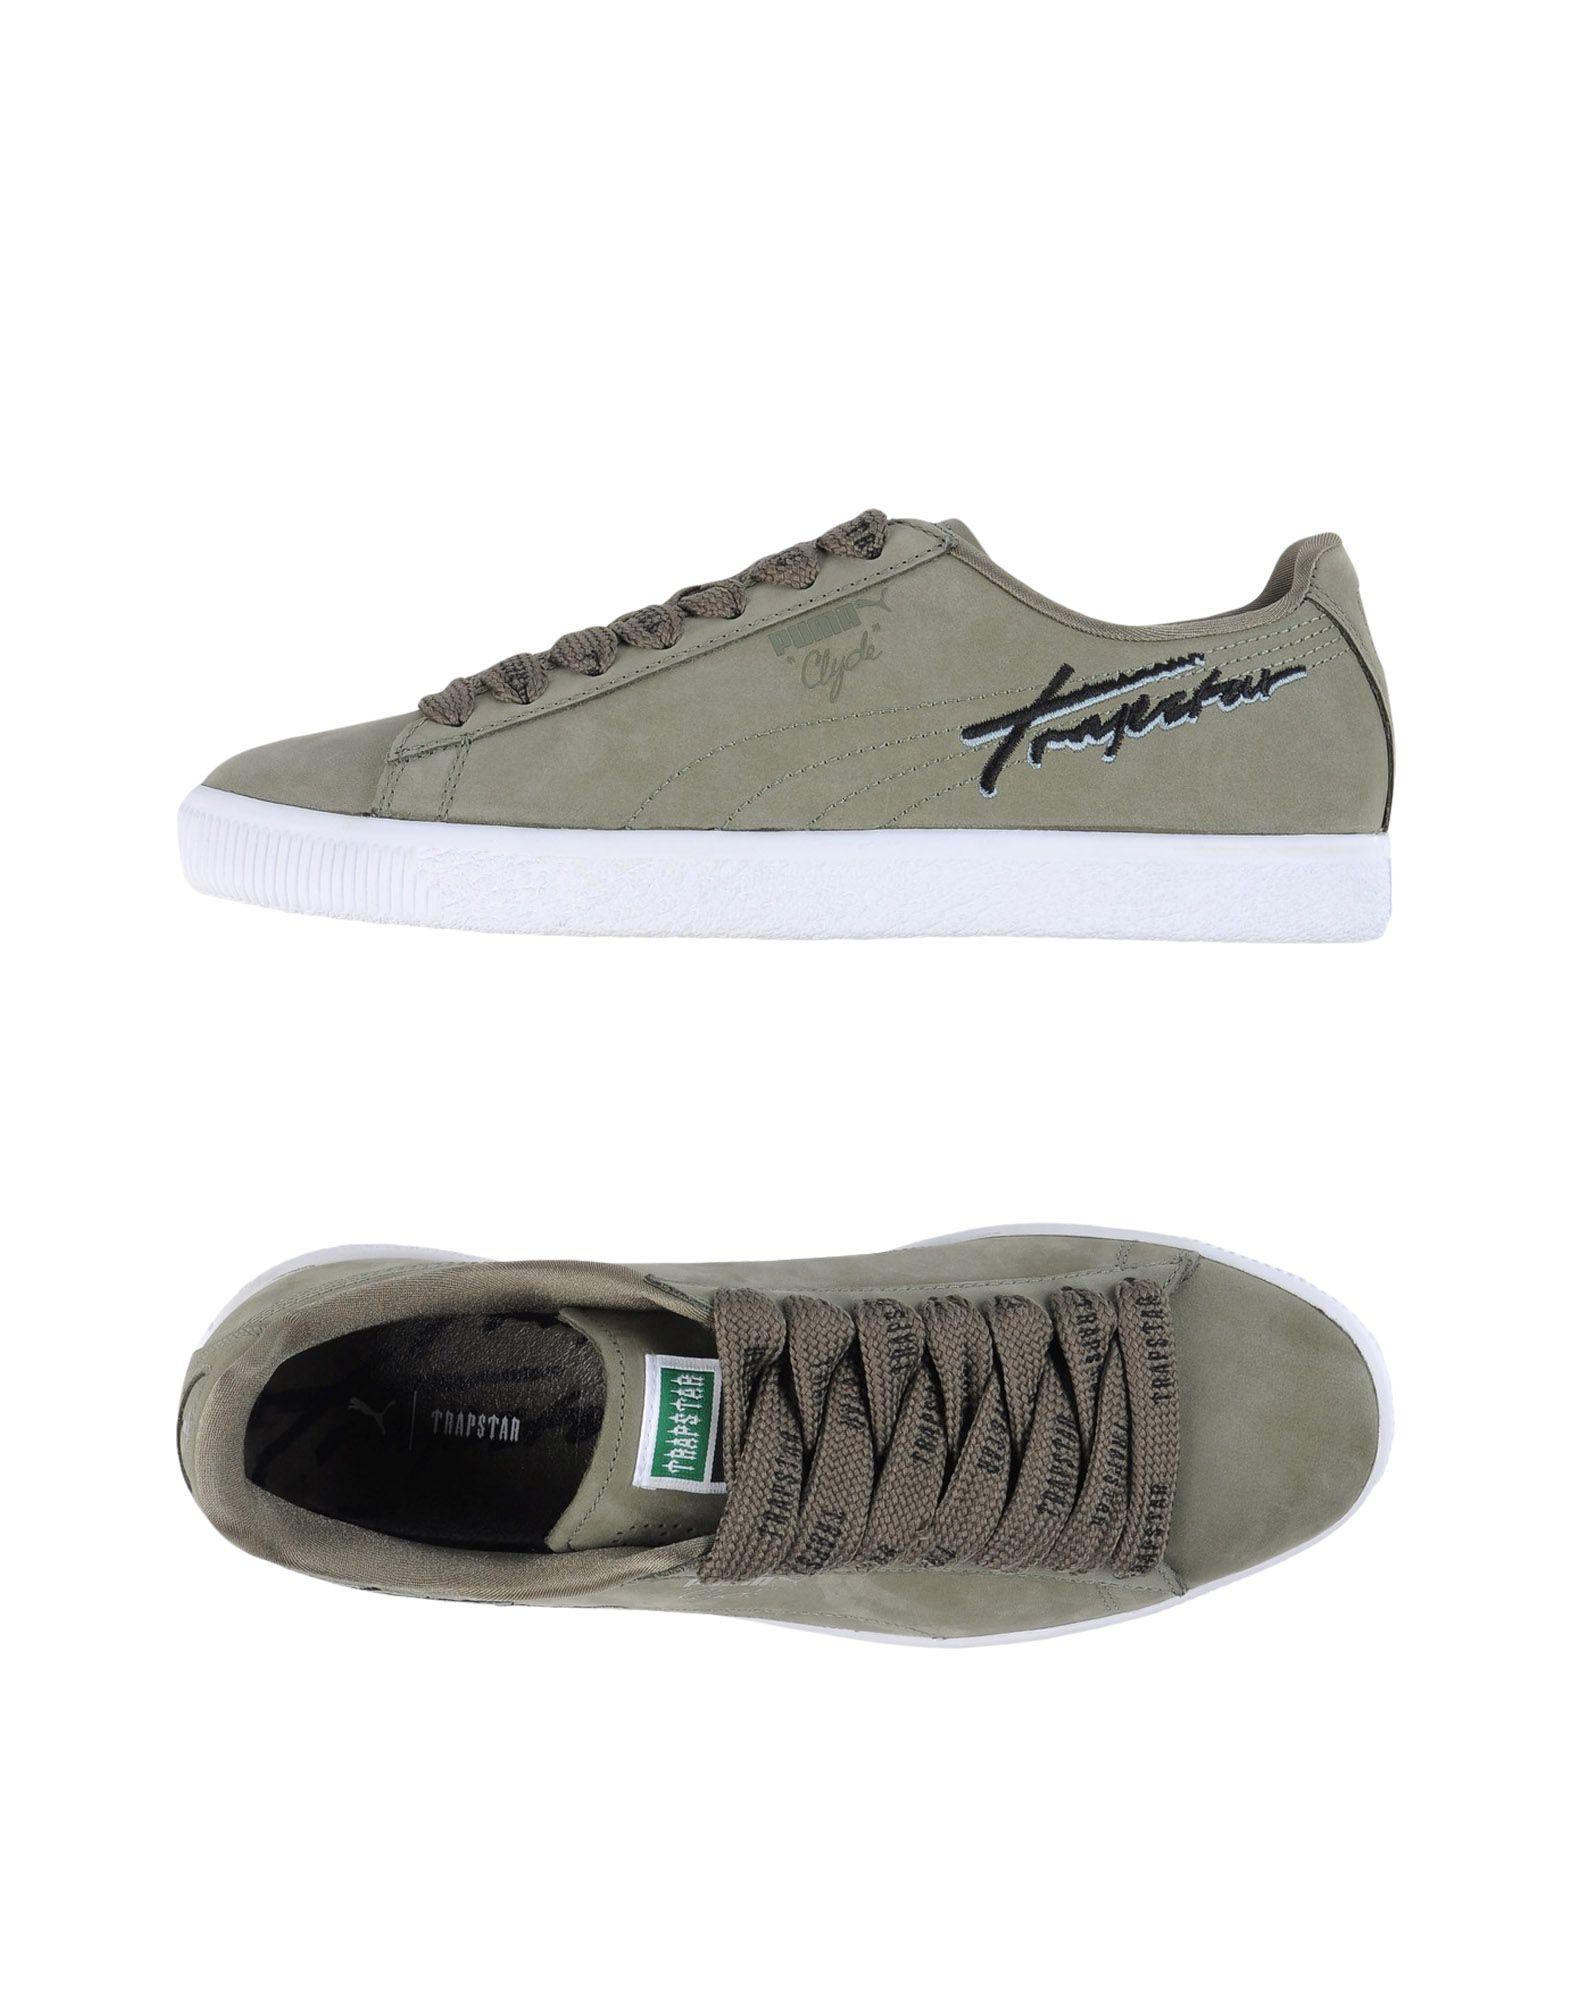 Sneakers Puma X Puma Trapstar Homme - Sneakers Puma X X Trapstar  Vert militaire Nouvelles chaussures pour hommes et femmes, remise limitée dans le temps 5b776b